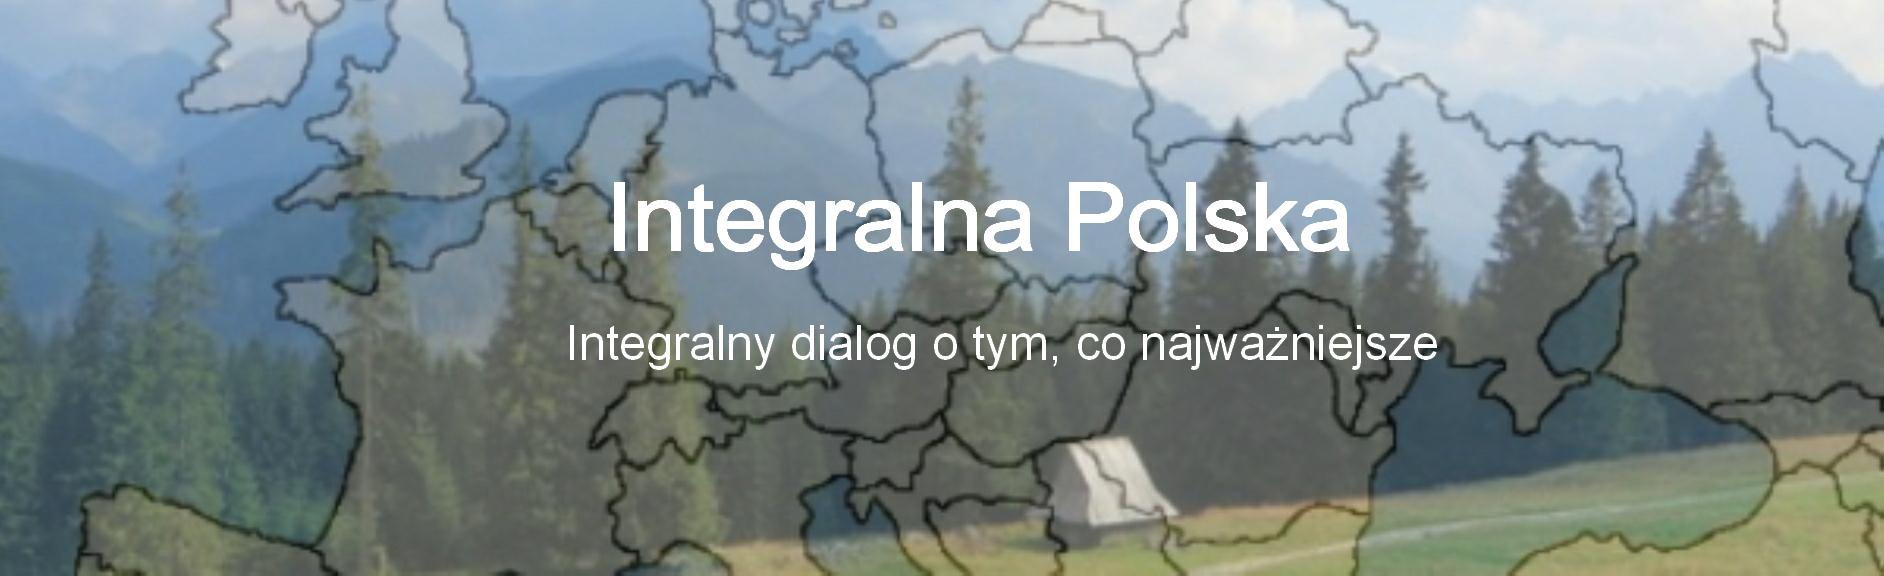 Integralna Polska